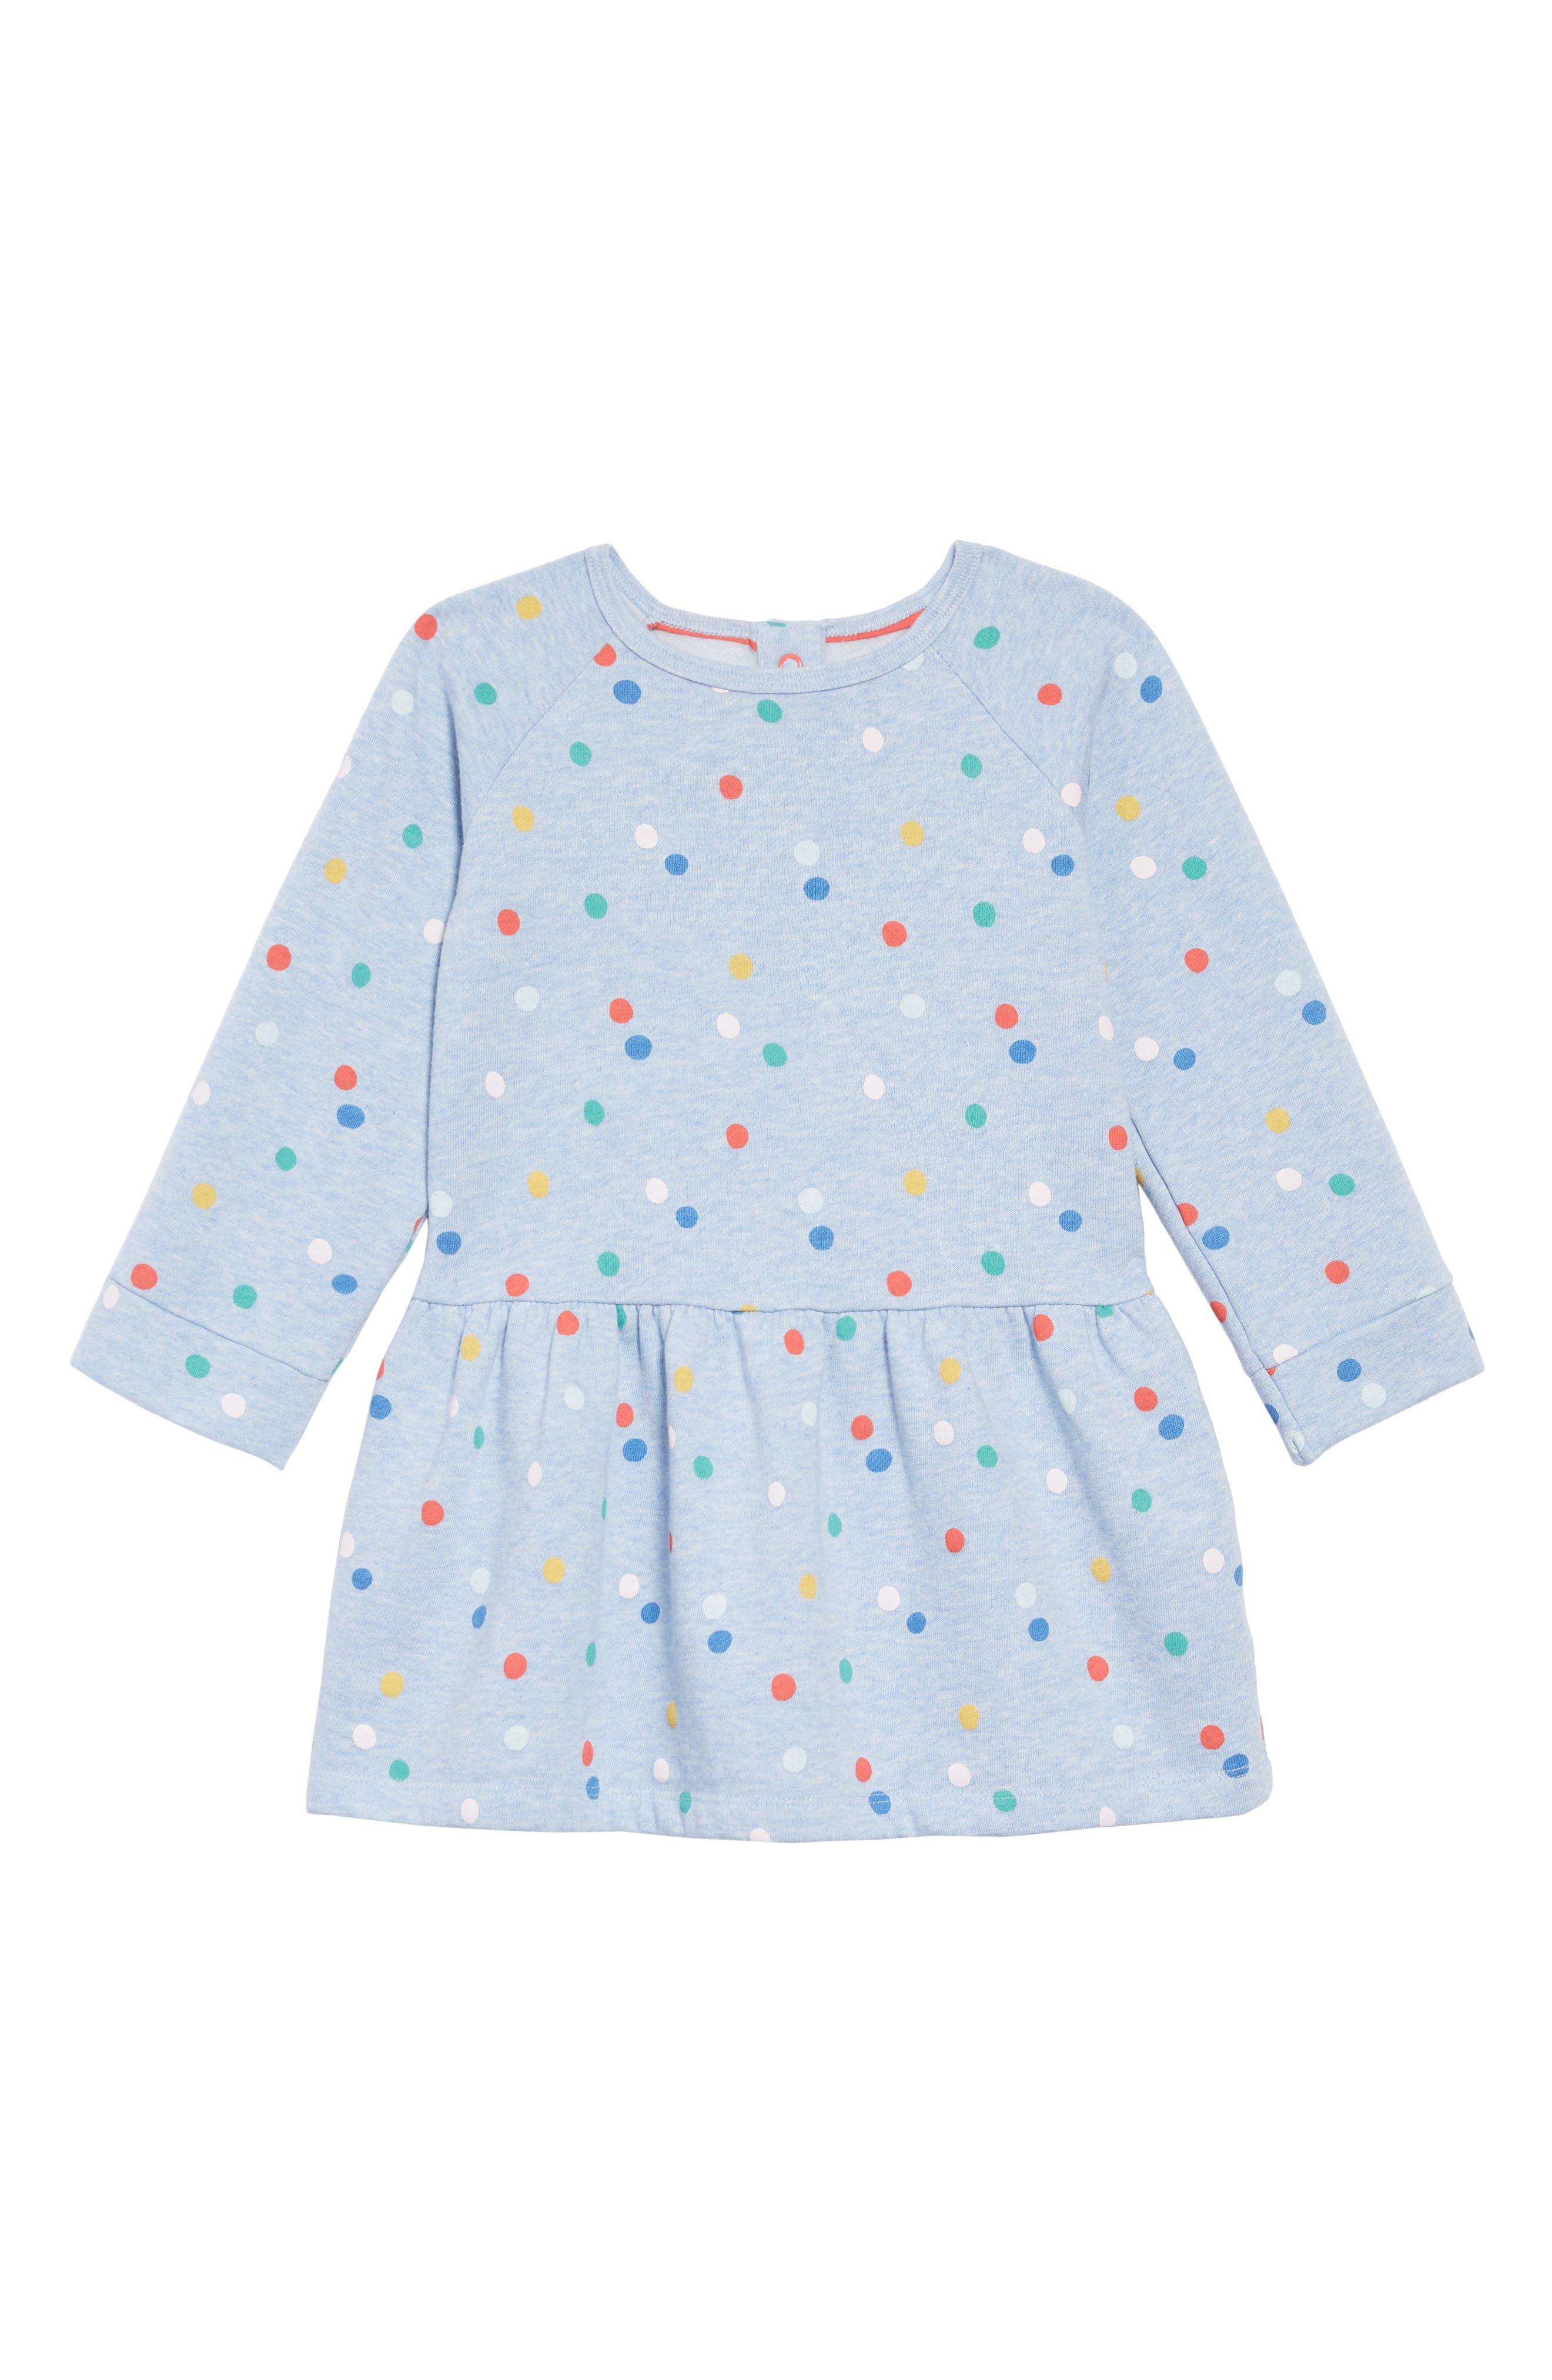 Colorful Cozy Dress, Main, color, MUL MULTI PAINTED SPOT